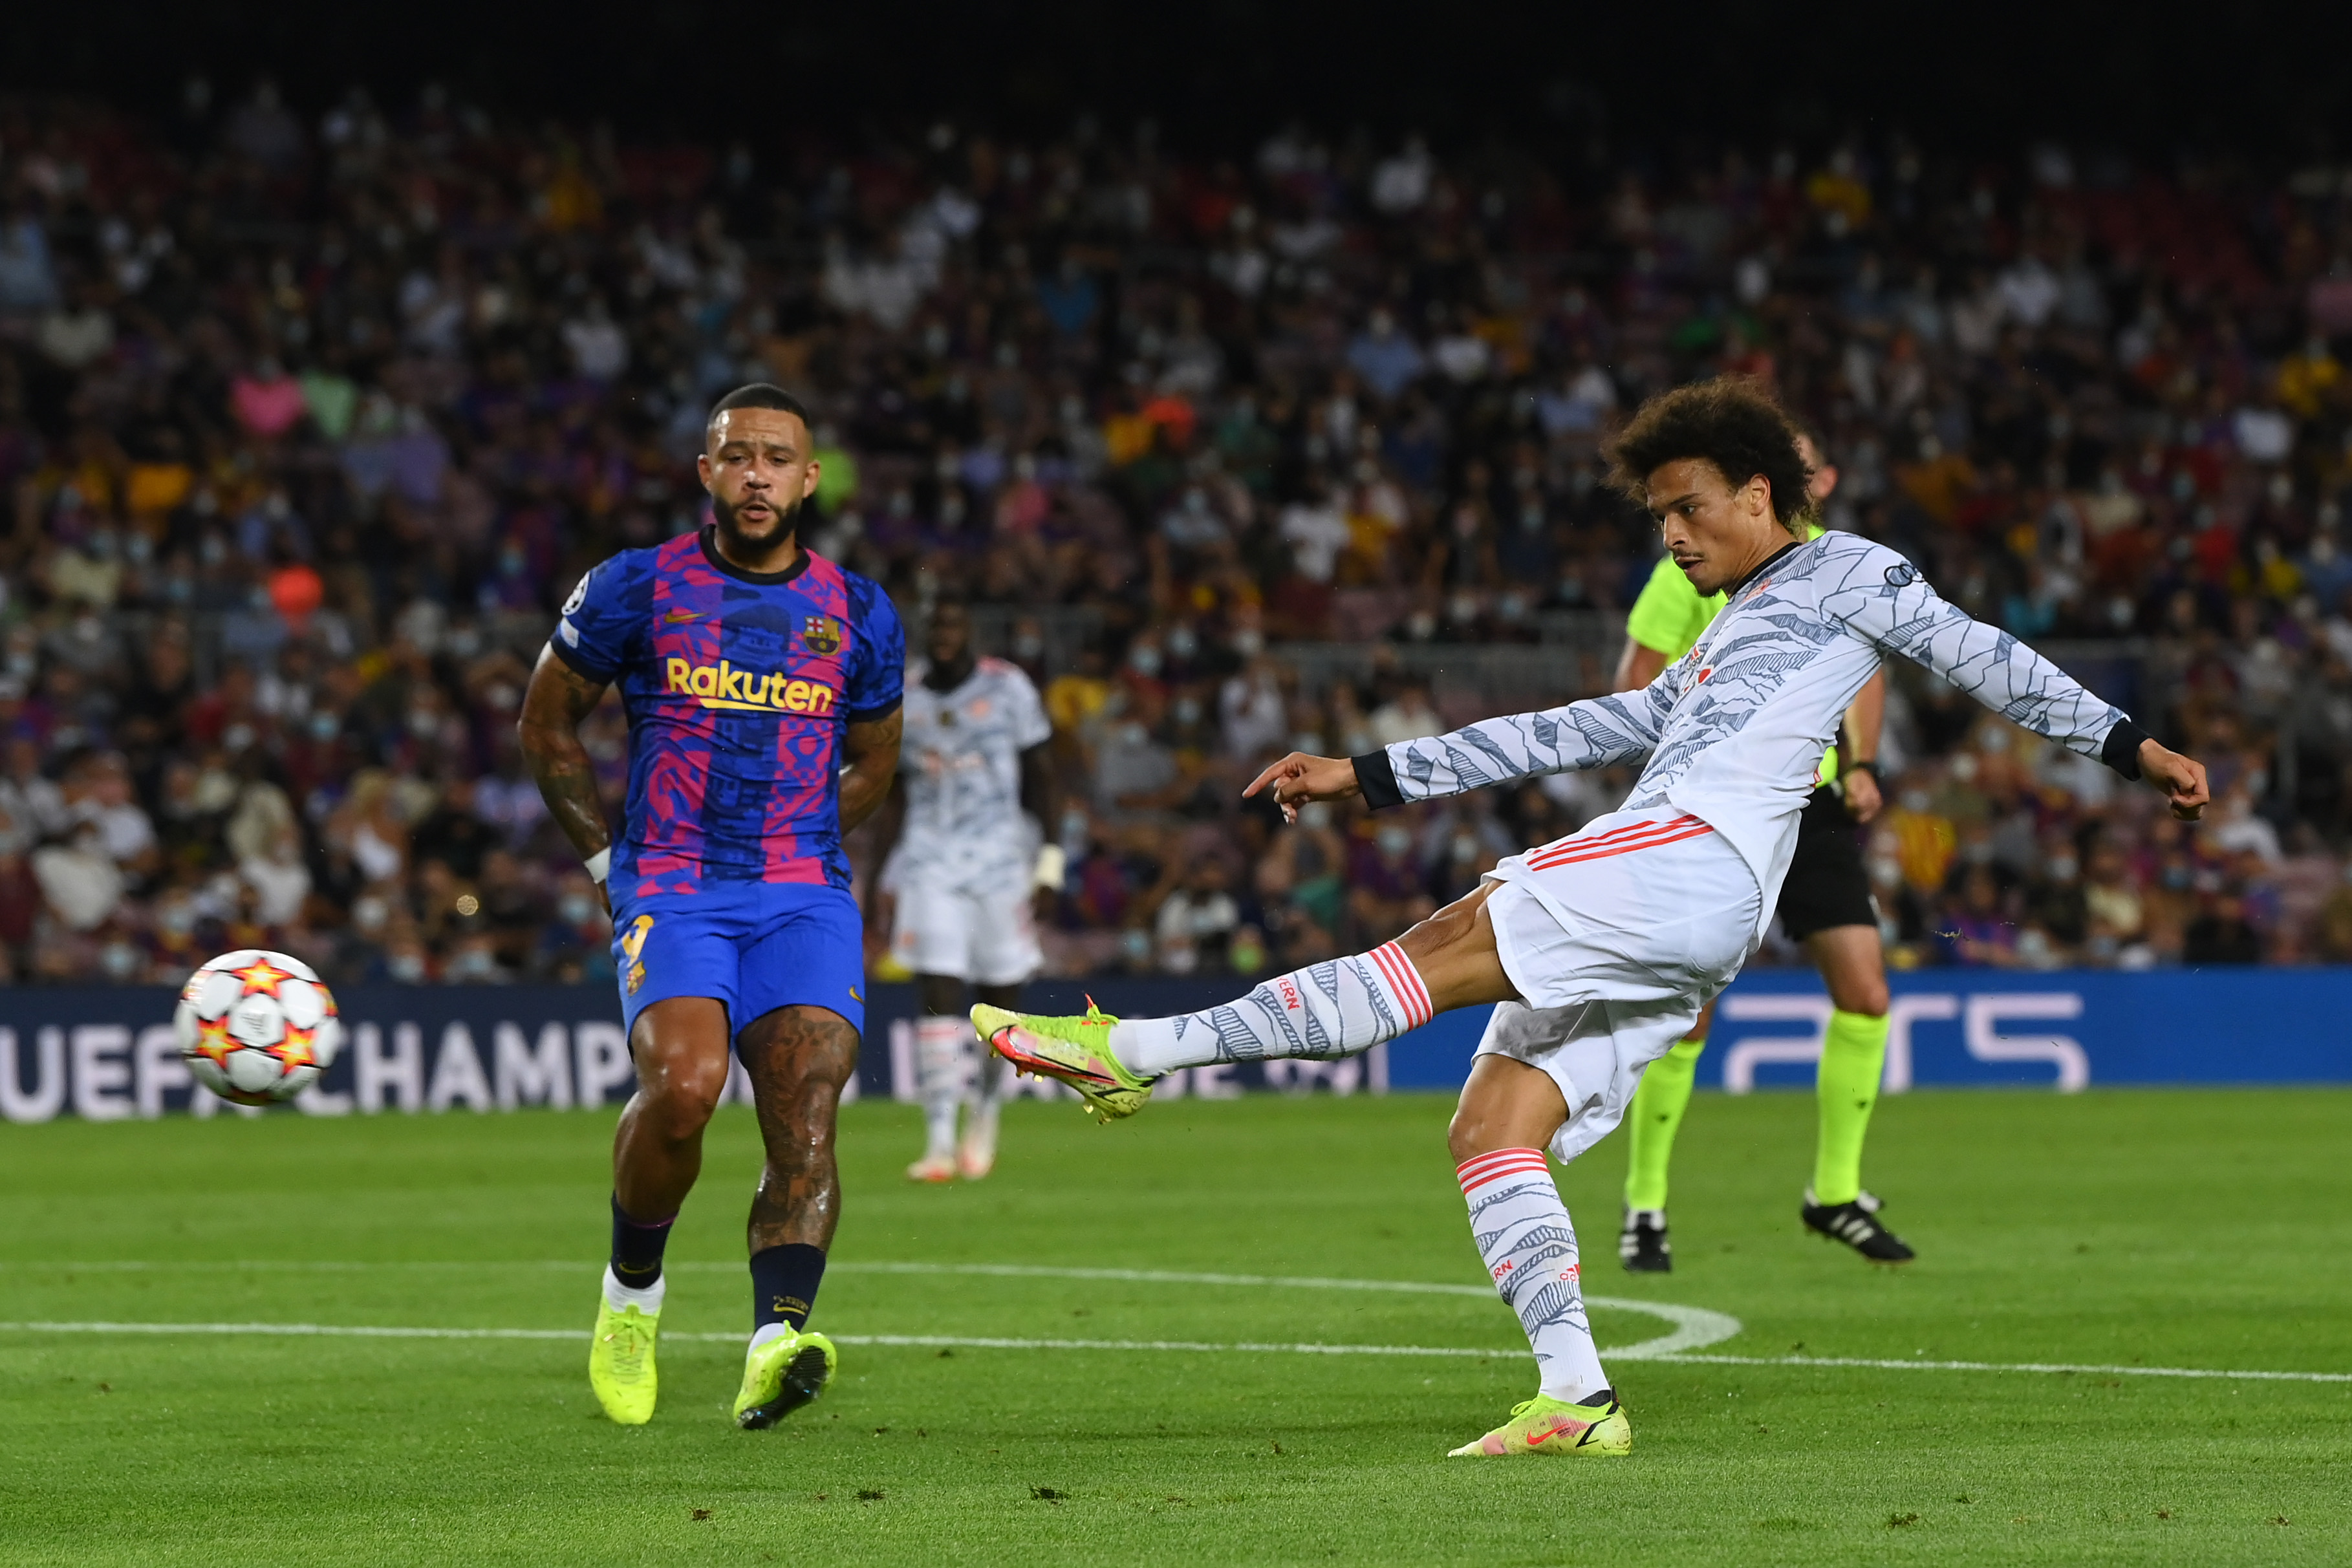 ليروى سانى يهدد مرمى برشلونة